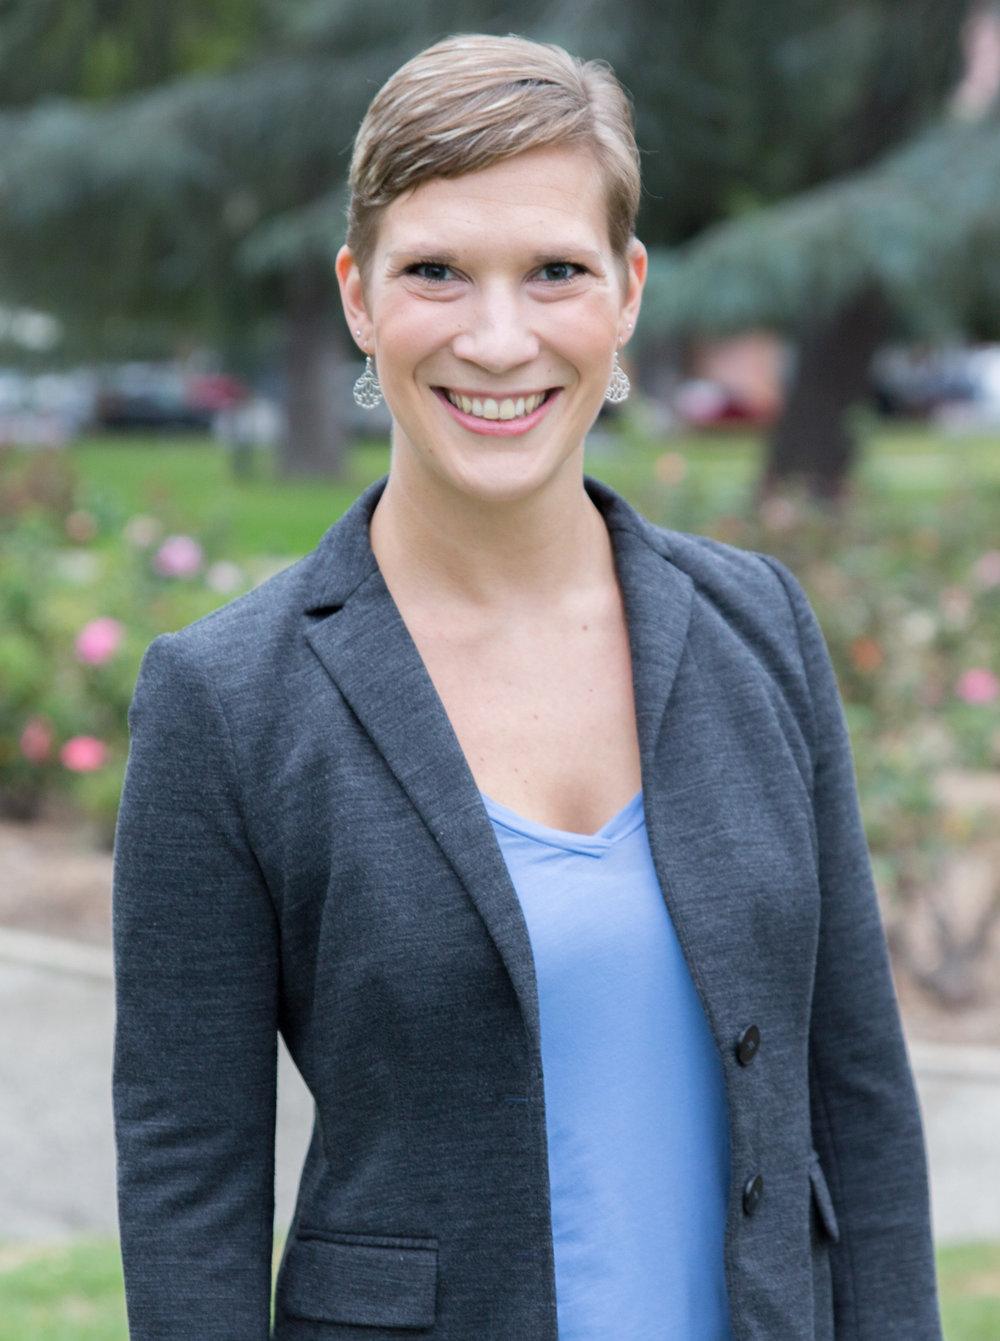 Pastor Laura Elizabeth Walton